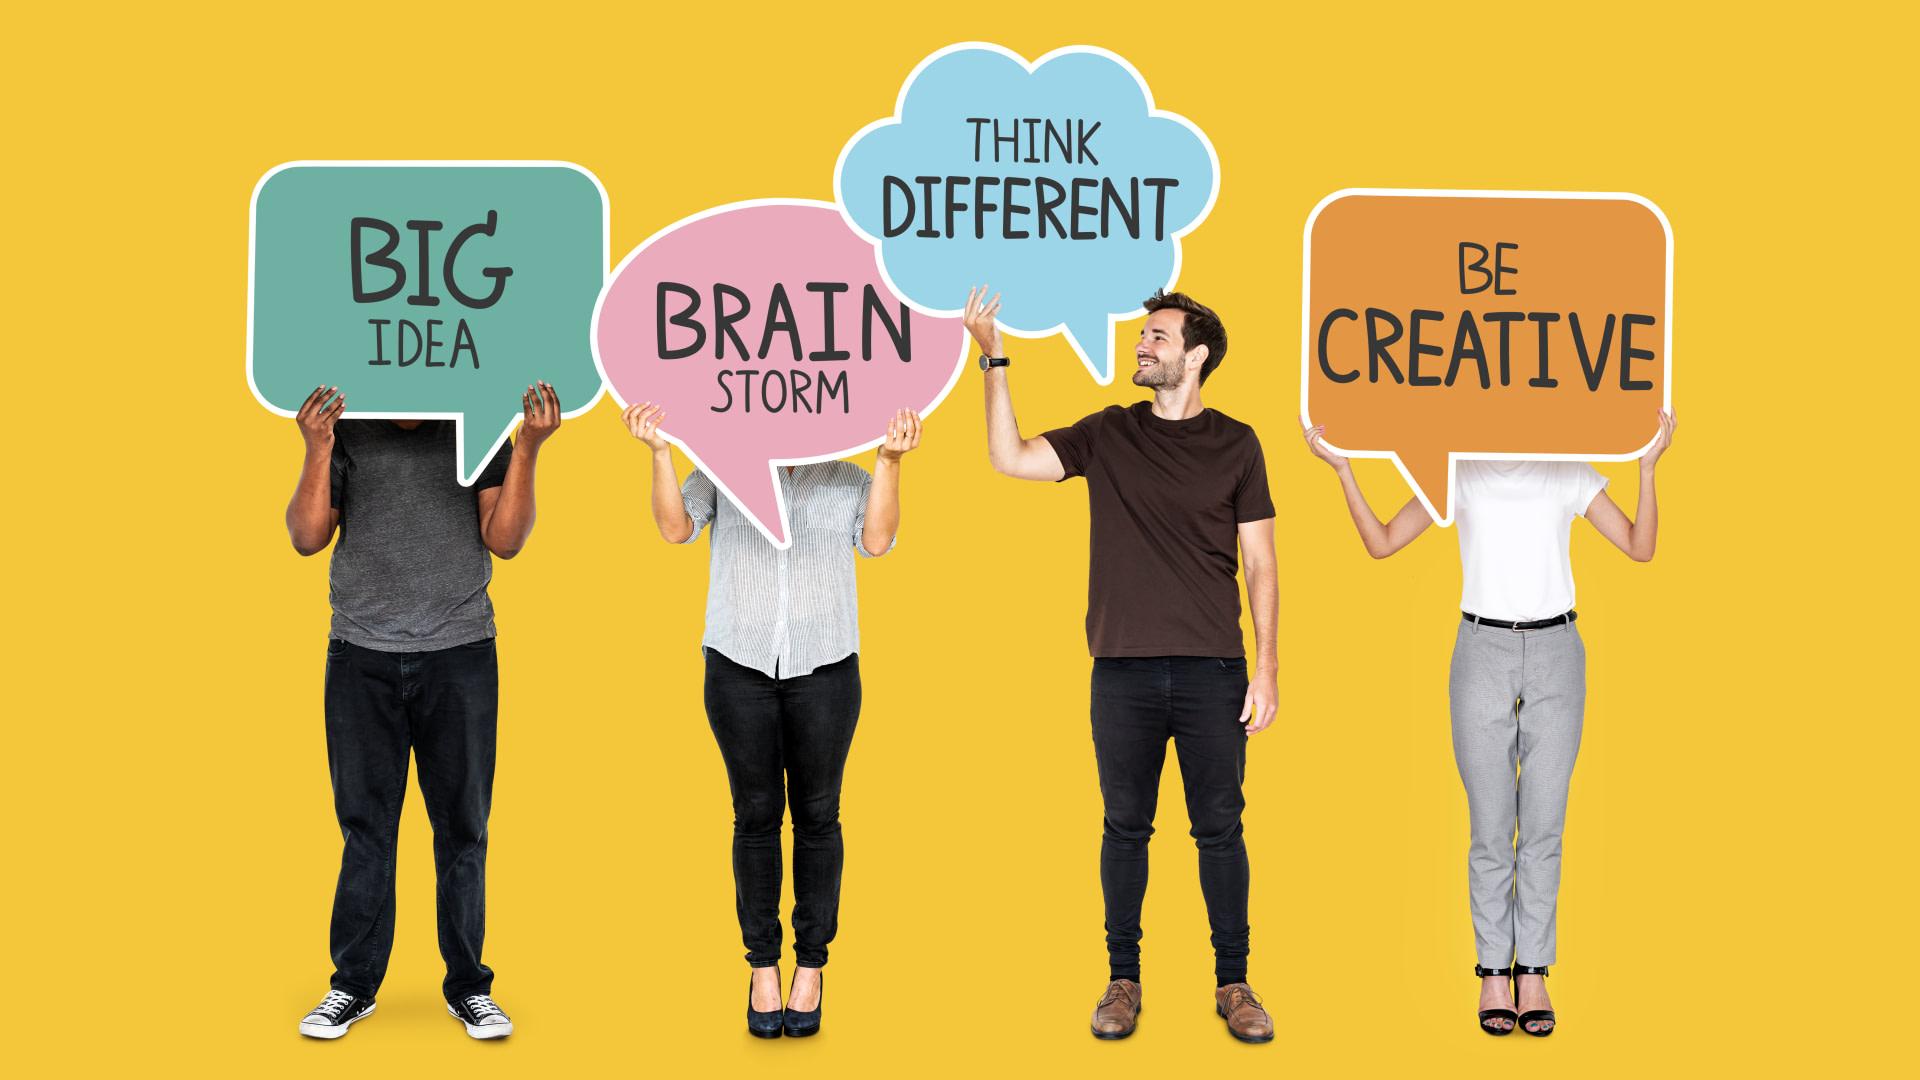 Pessoas segurando cartazes escrito Big Idea, Brain Storm Think Different e Be Creative